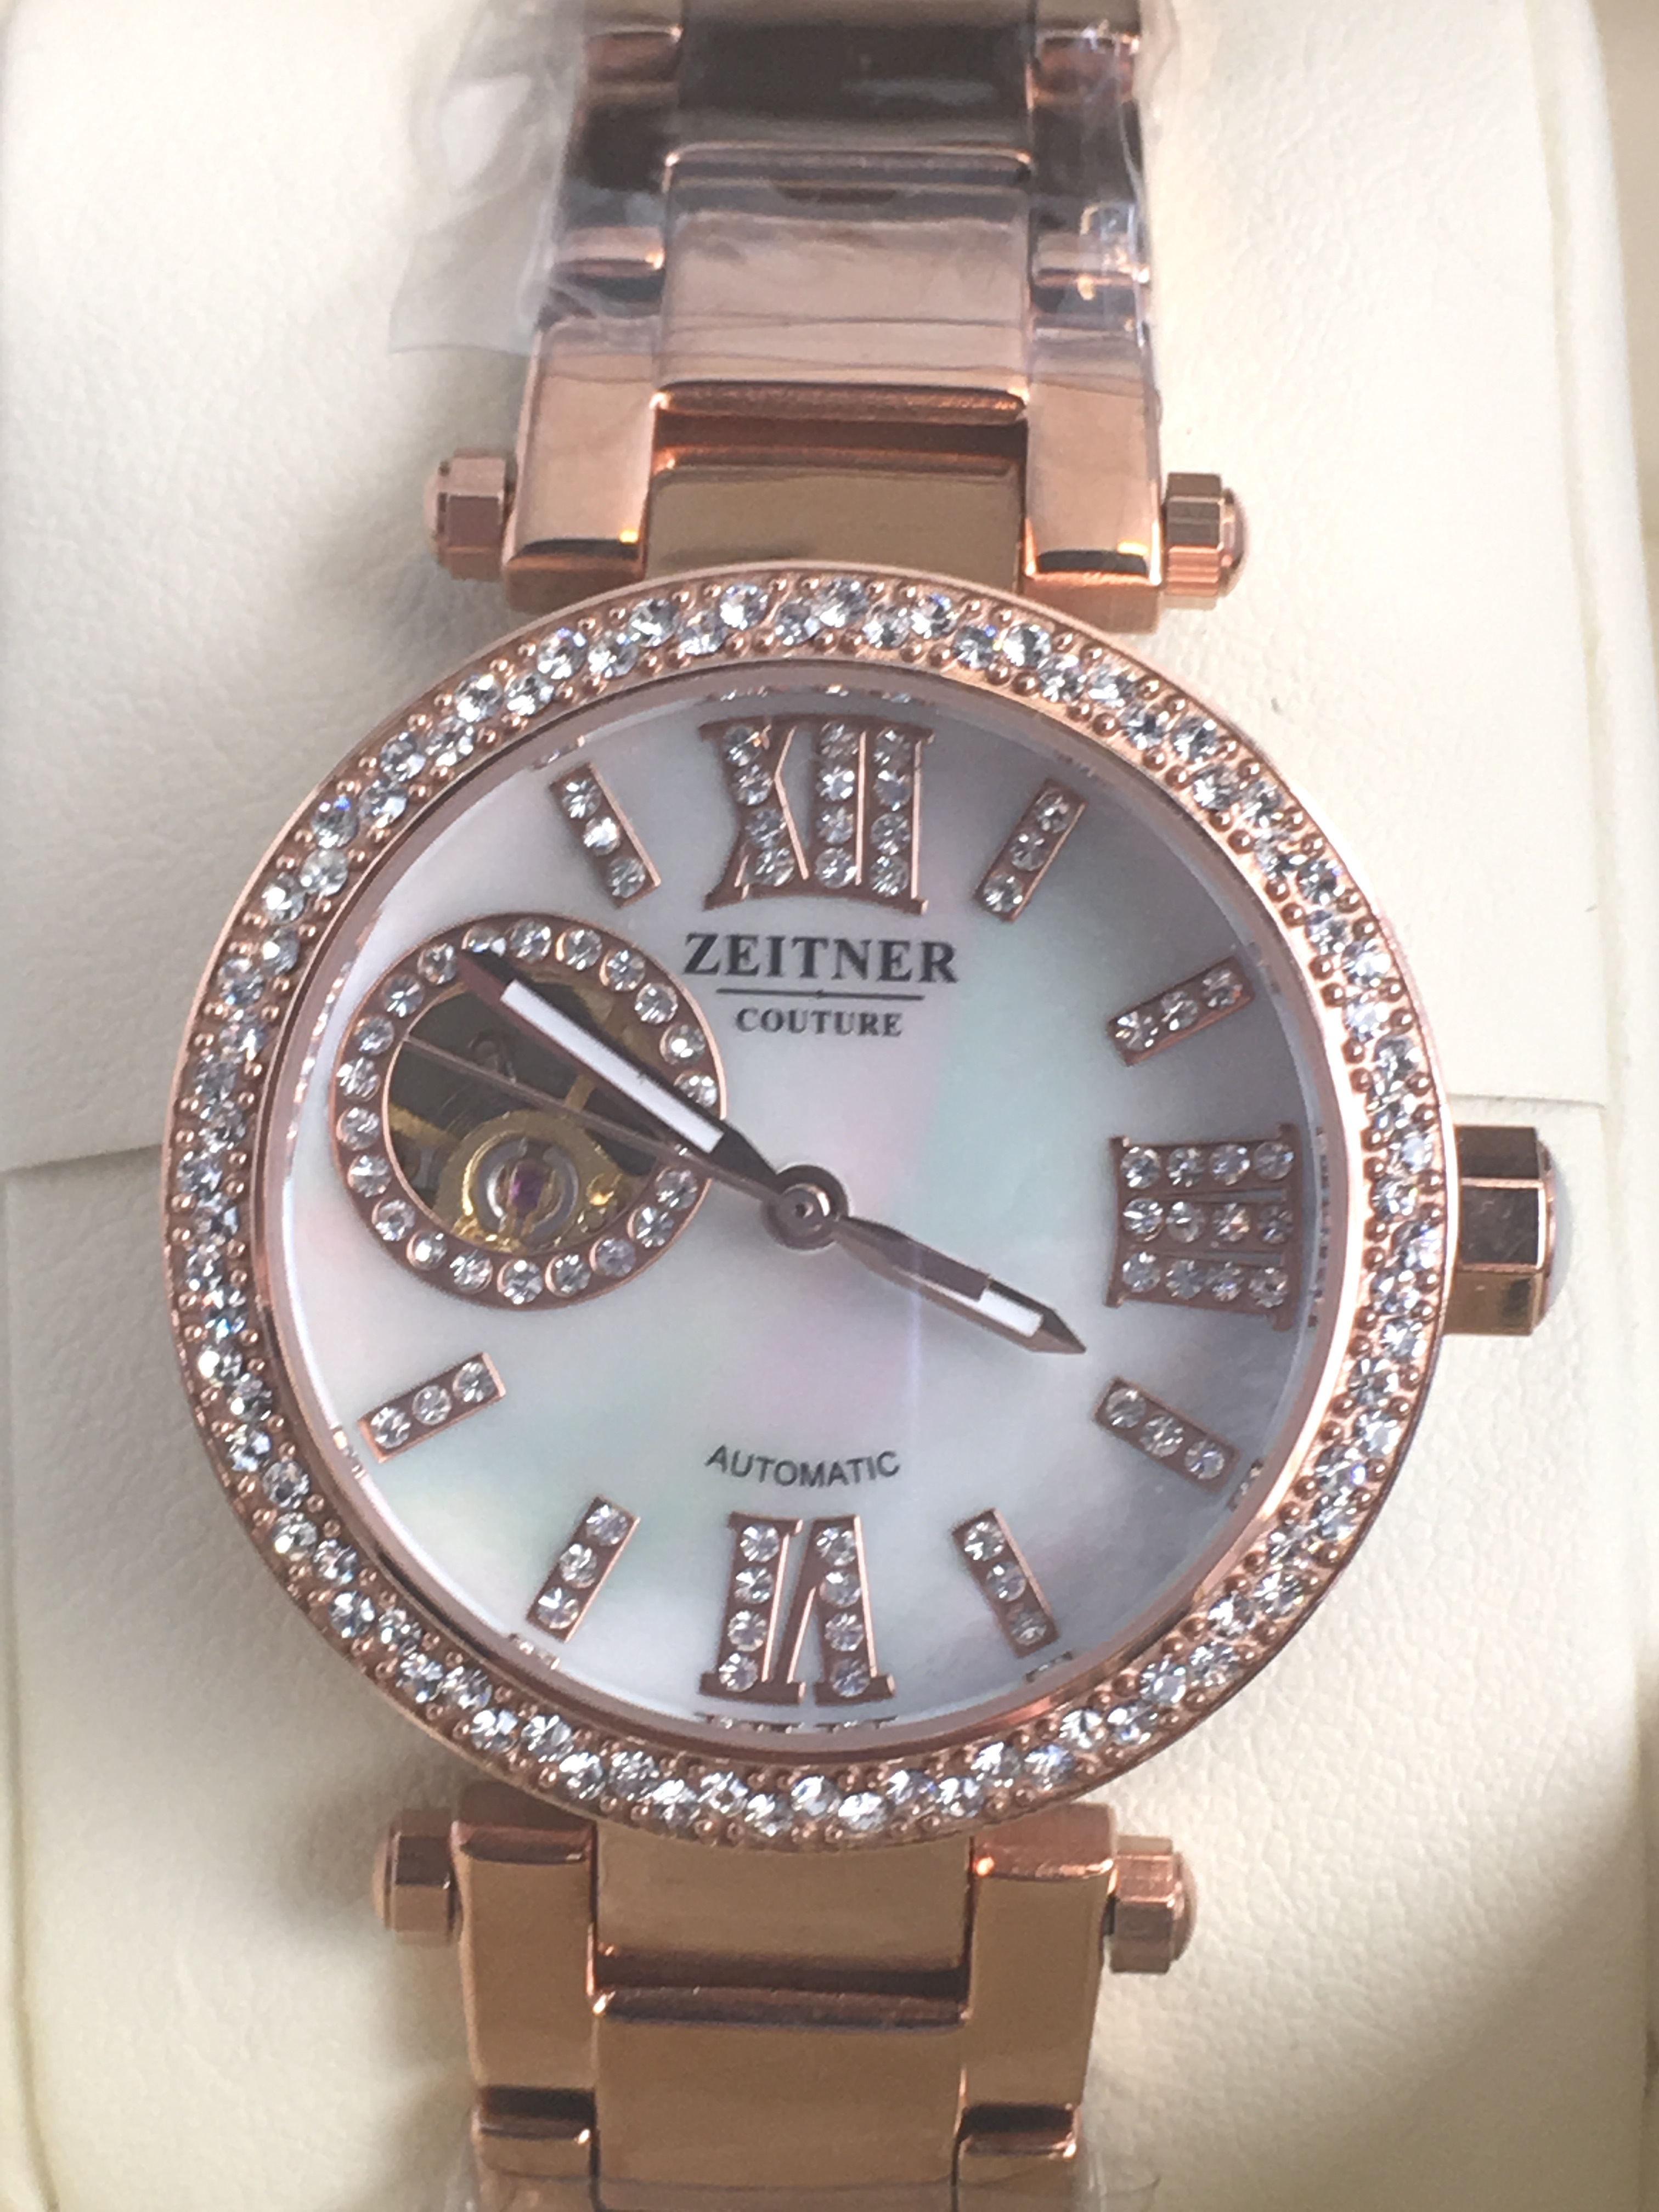 zeitner watch | eBay